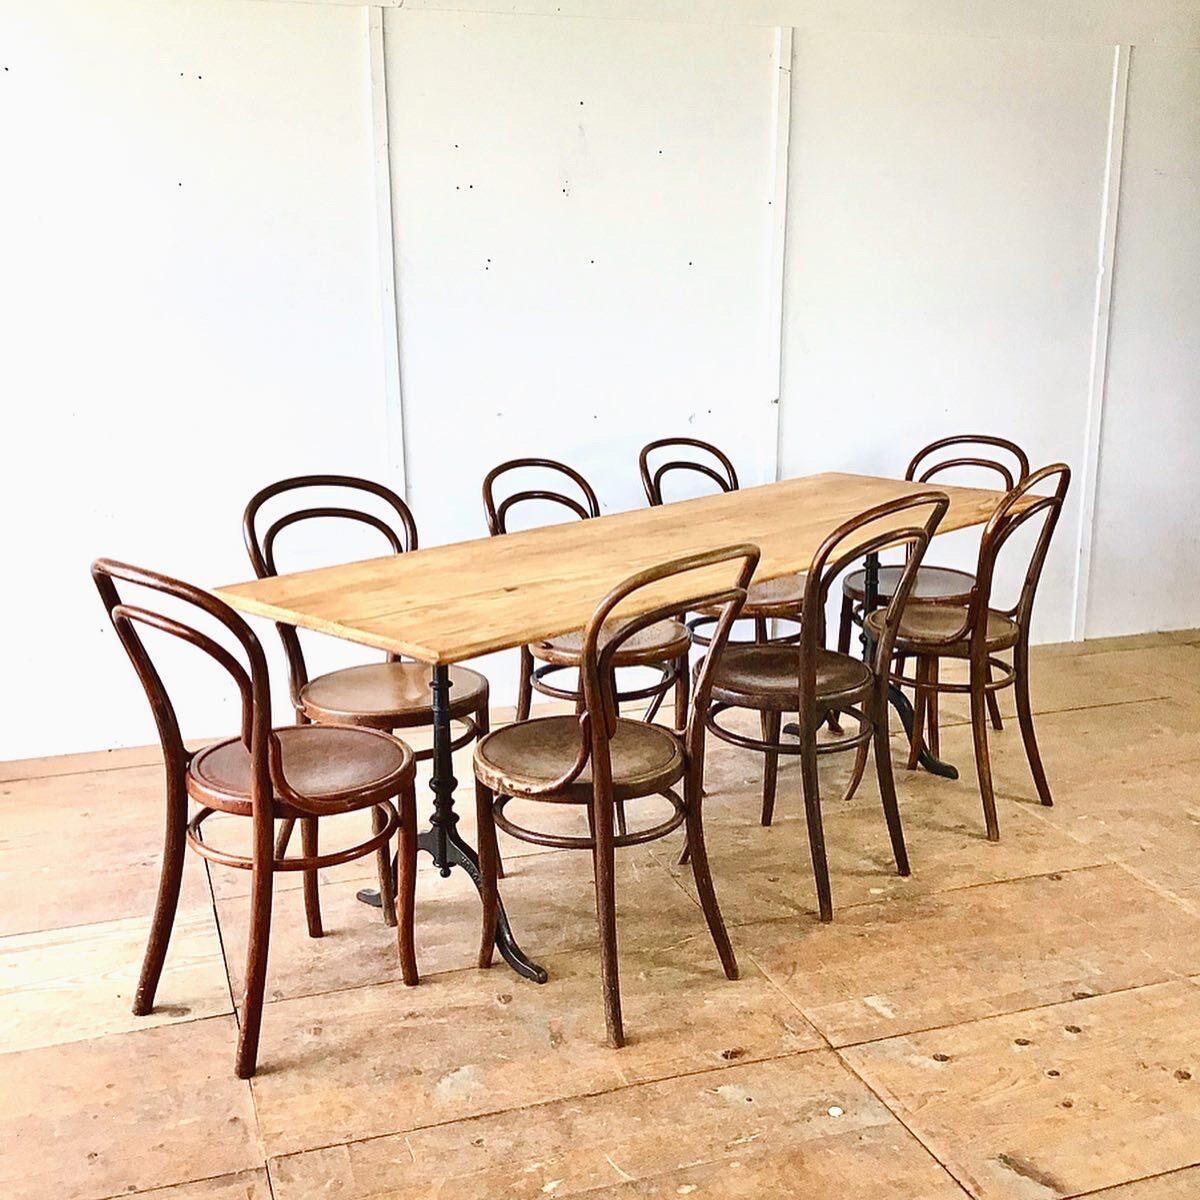 Alter Horgen Glarus Wirtshaus Tisch 217mal74cm höhe 75cm. Dieser Esstisch bietet gut Platz für 8 Personen, die holz oberfläche ist geölt. Gussfüsse können selbstverständlich nach eigenem Gusto ausgewählt werden.